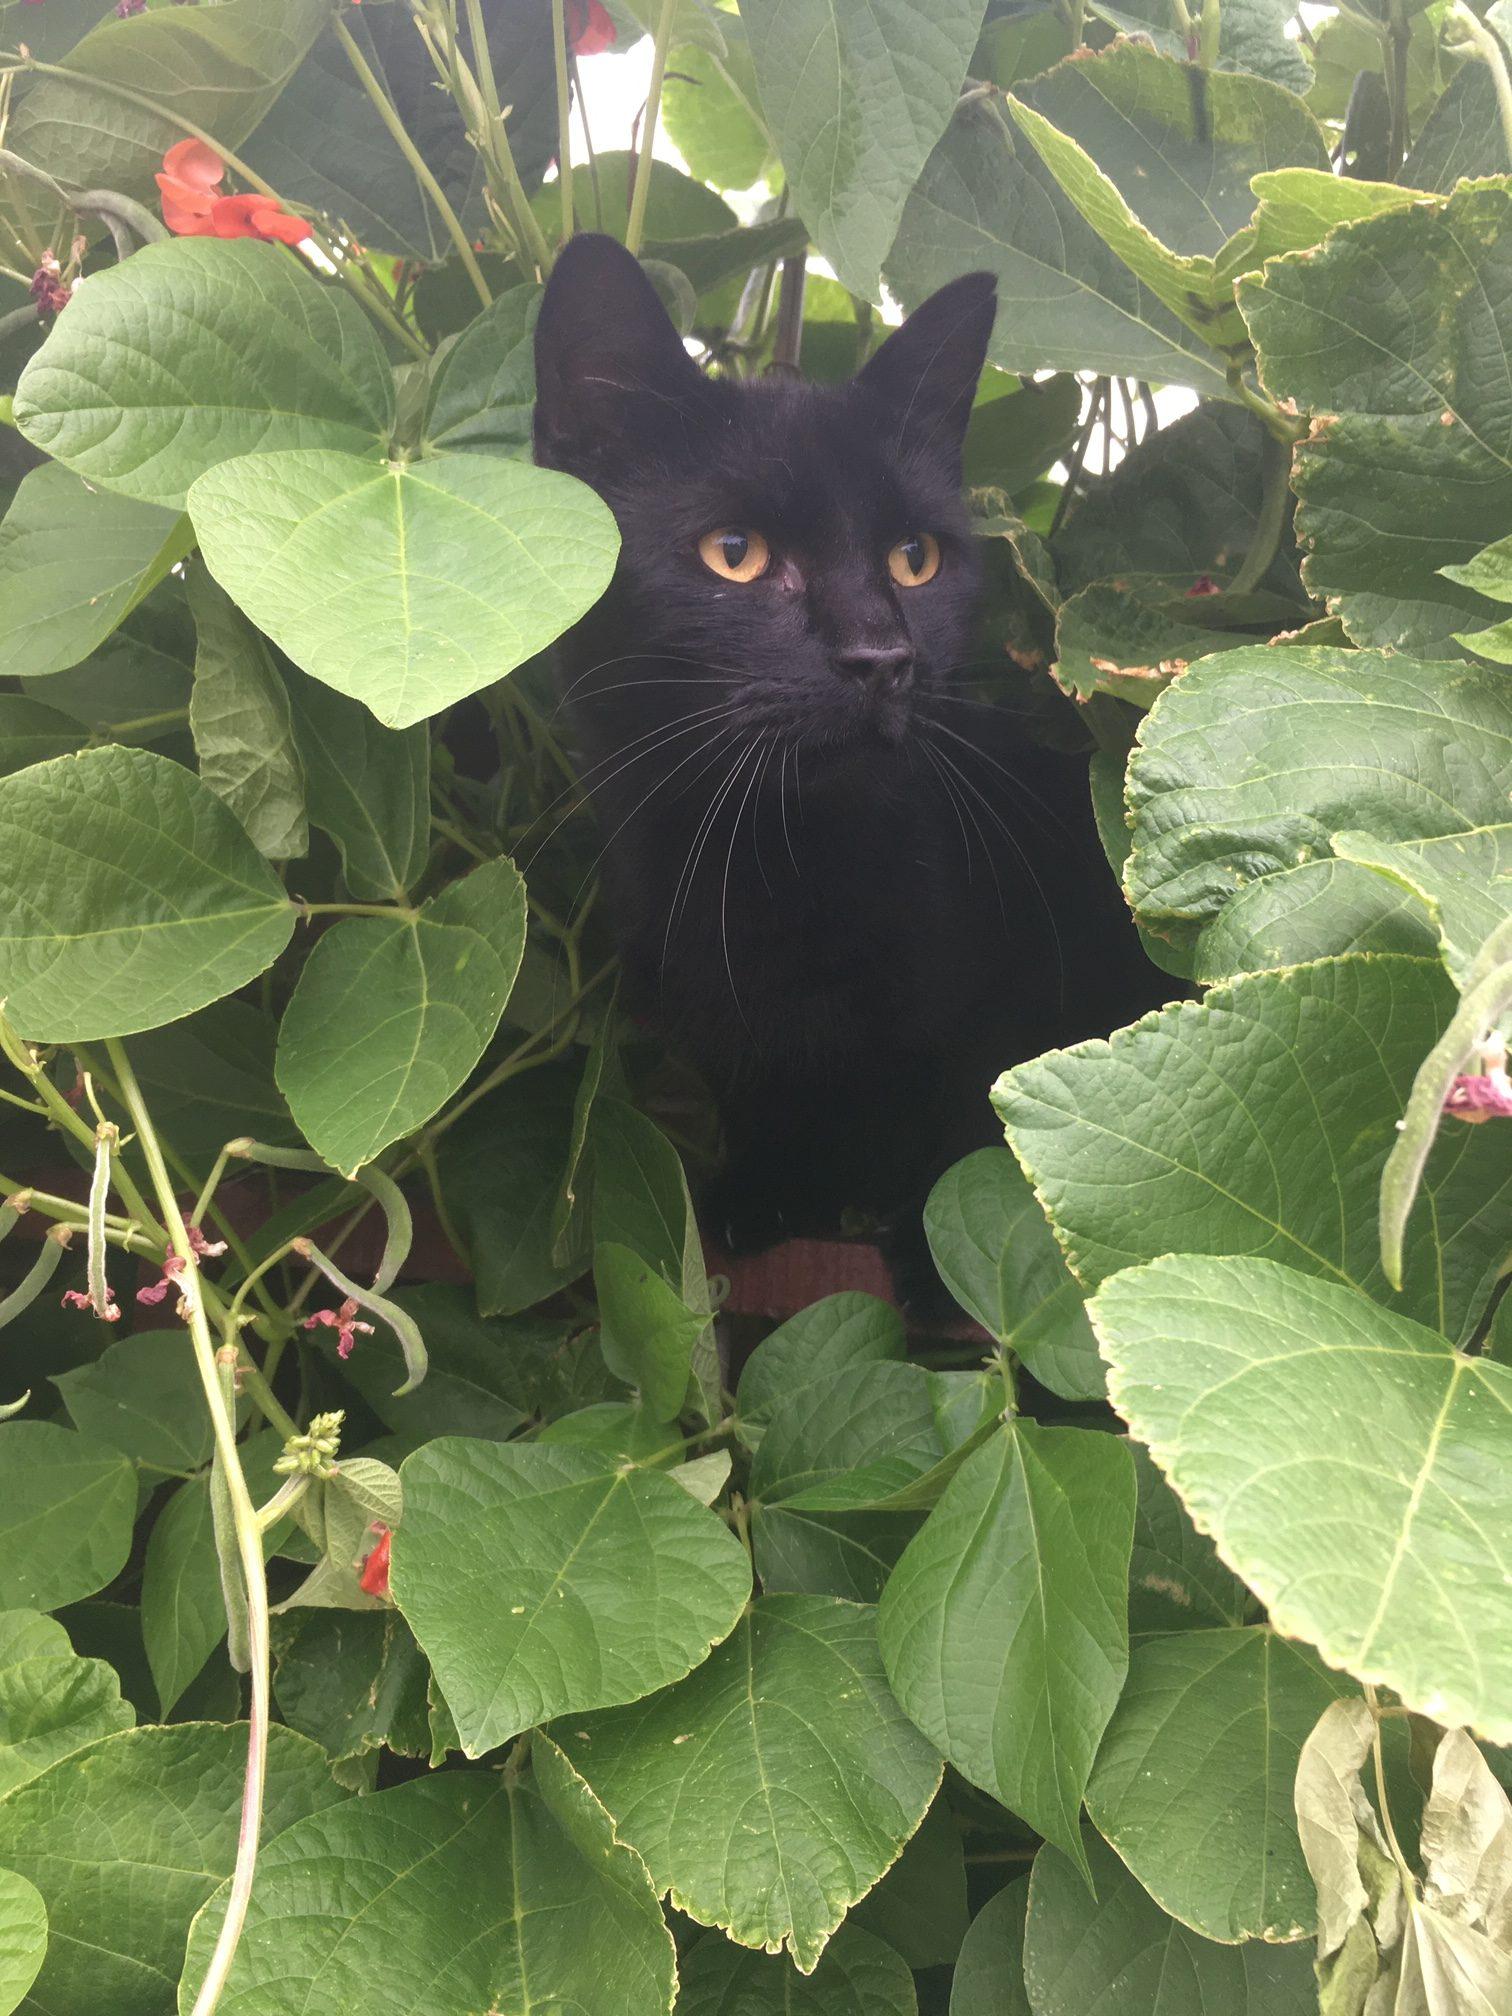 The Purr-fect Hiding Place